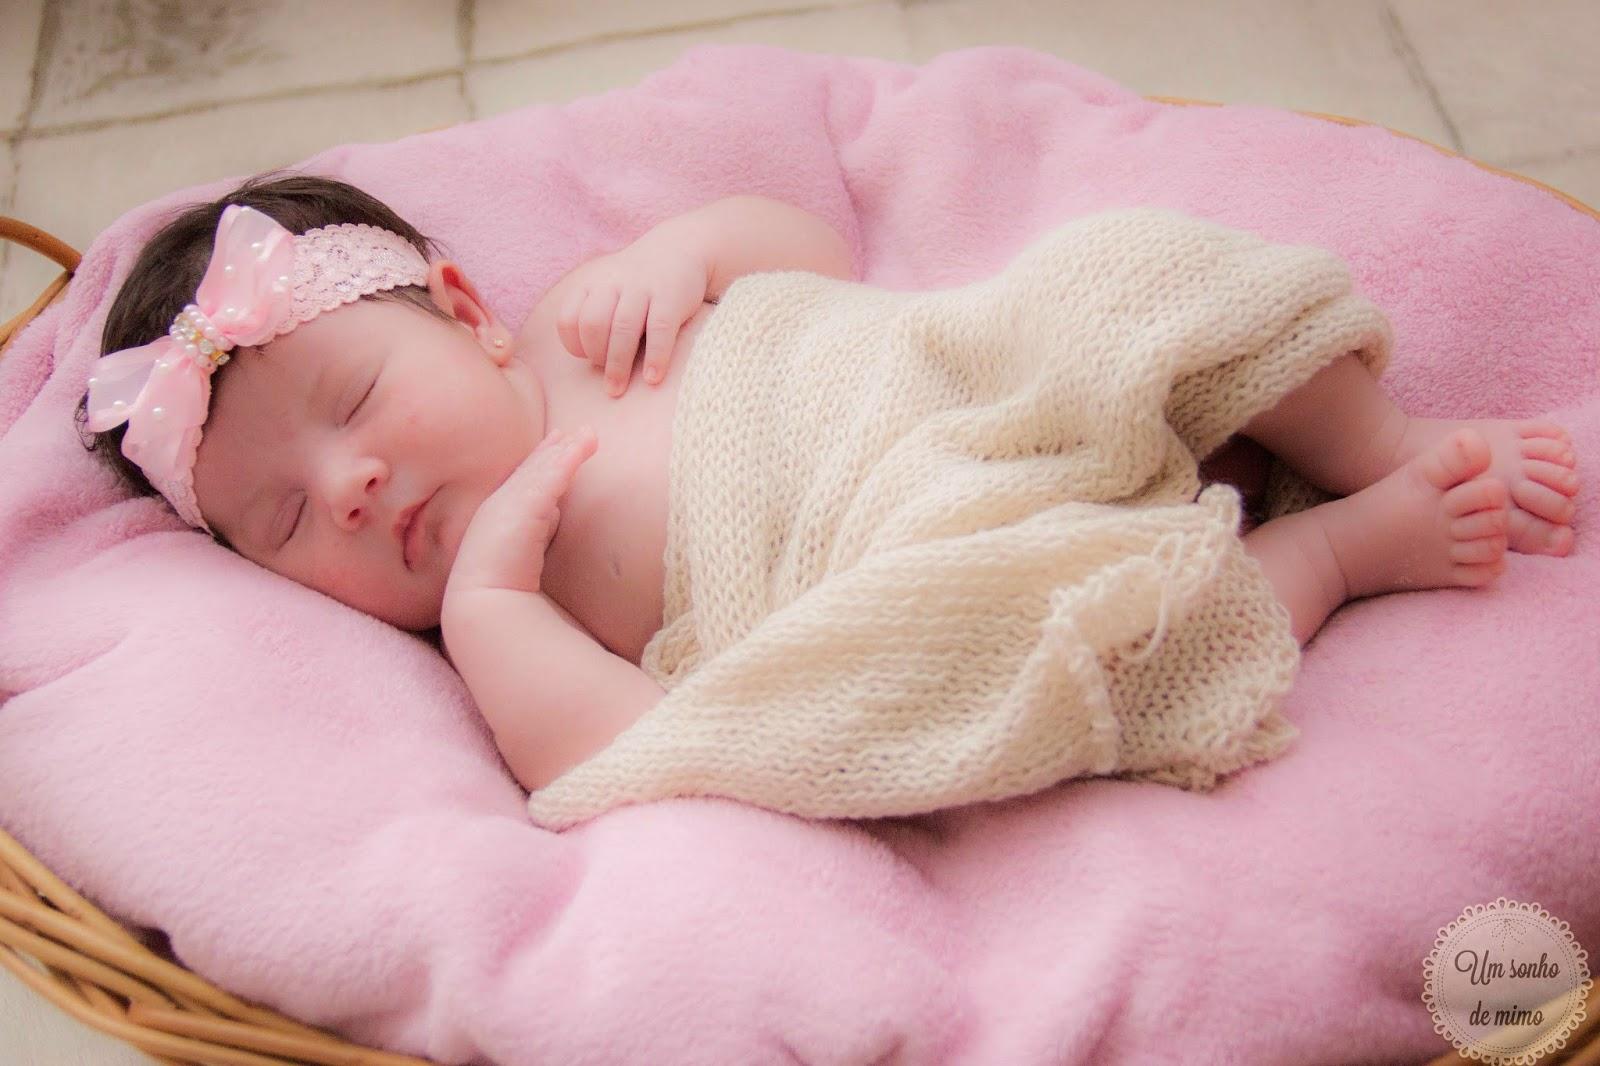 Fotografia newborn bh, fotografia newborn belo horizonte, fotografia newborn, um sonho de mimo